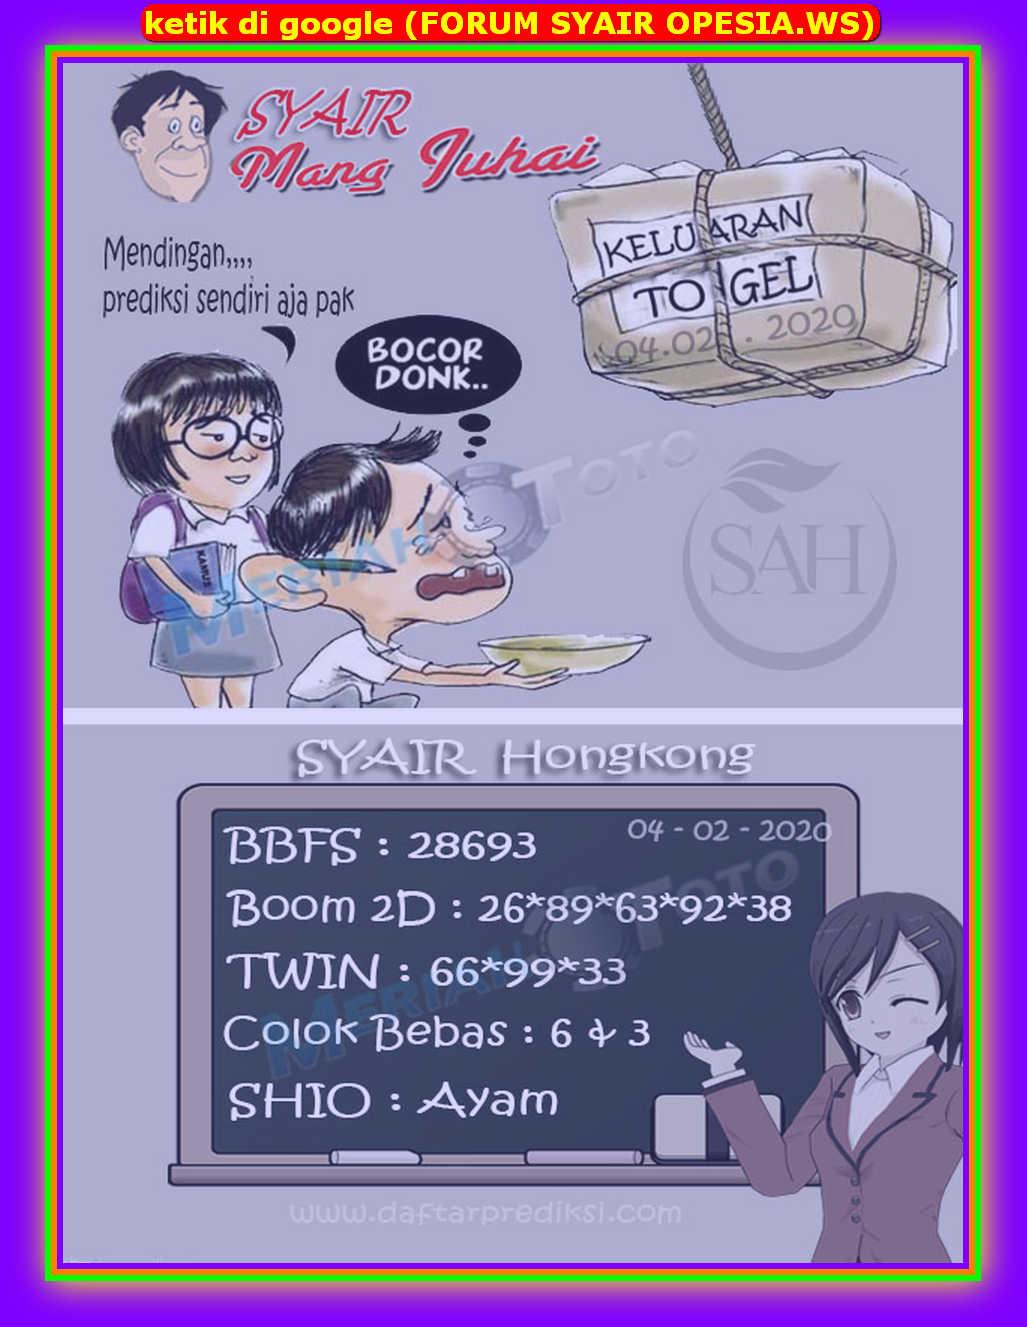 Kode syair Hongkong Selasa 4 Februari 2020 176